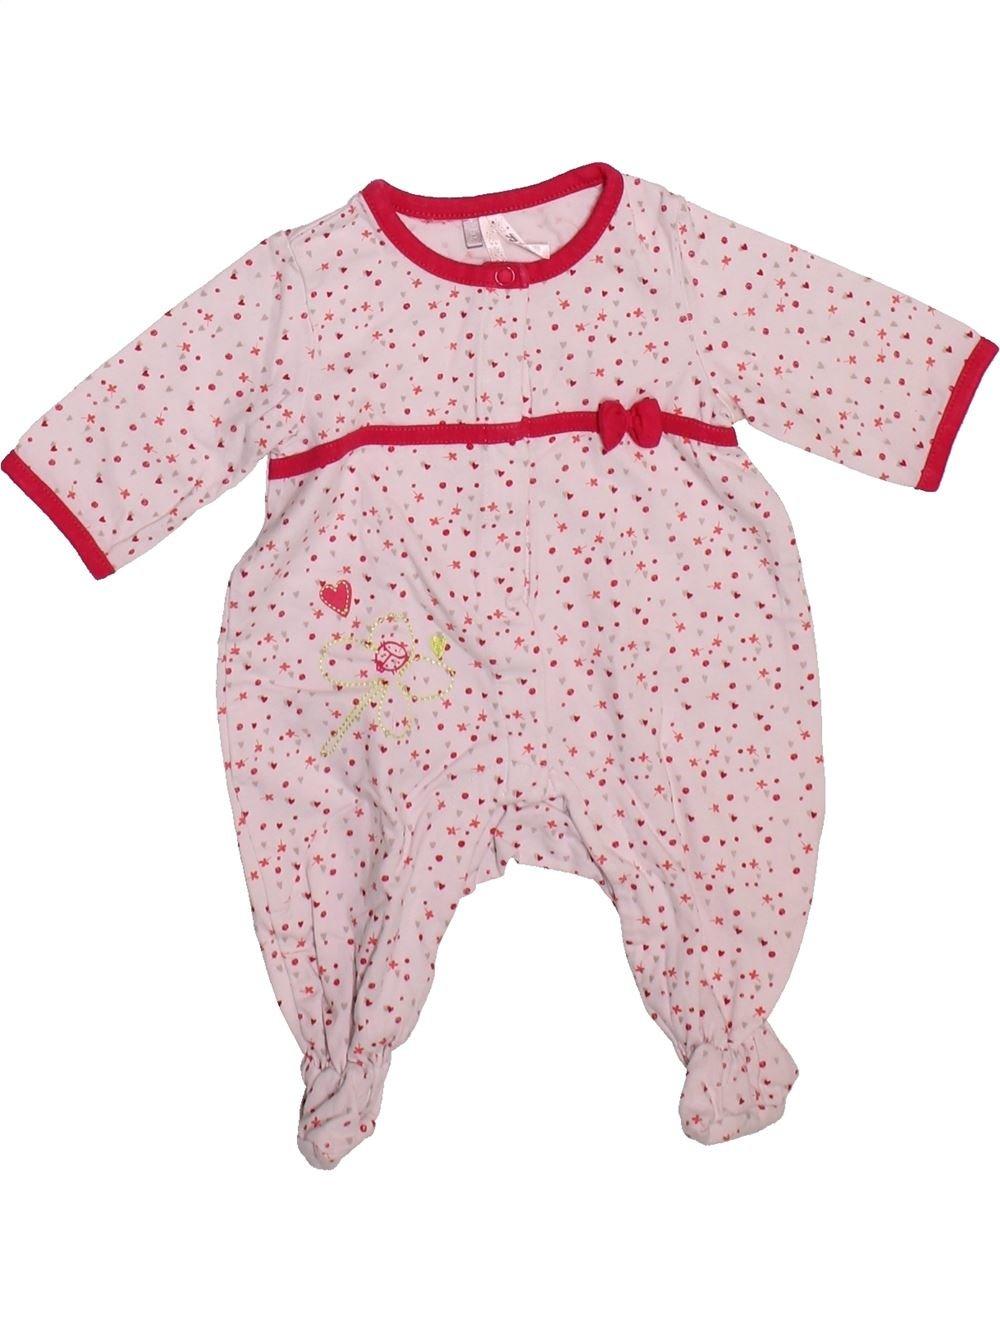 Pyjama 1 Pièce Fille Orchestra 1 Mois Pas Cher 3 75